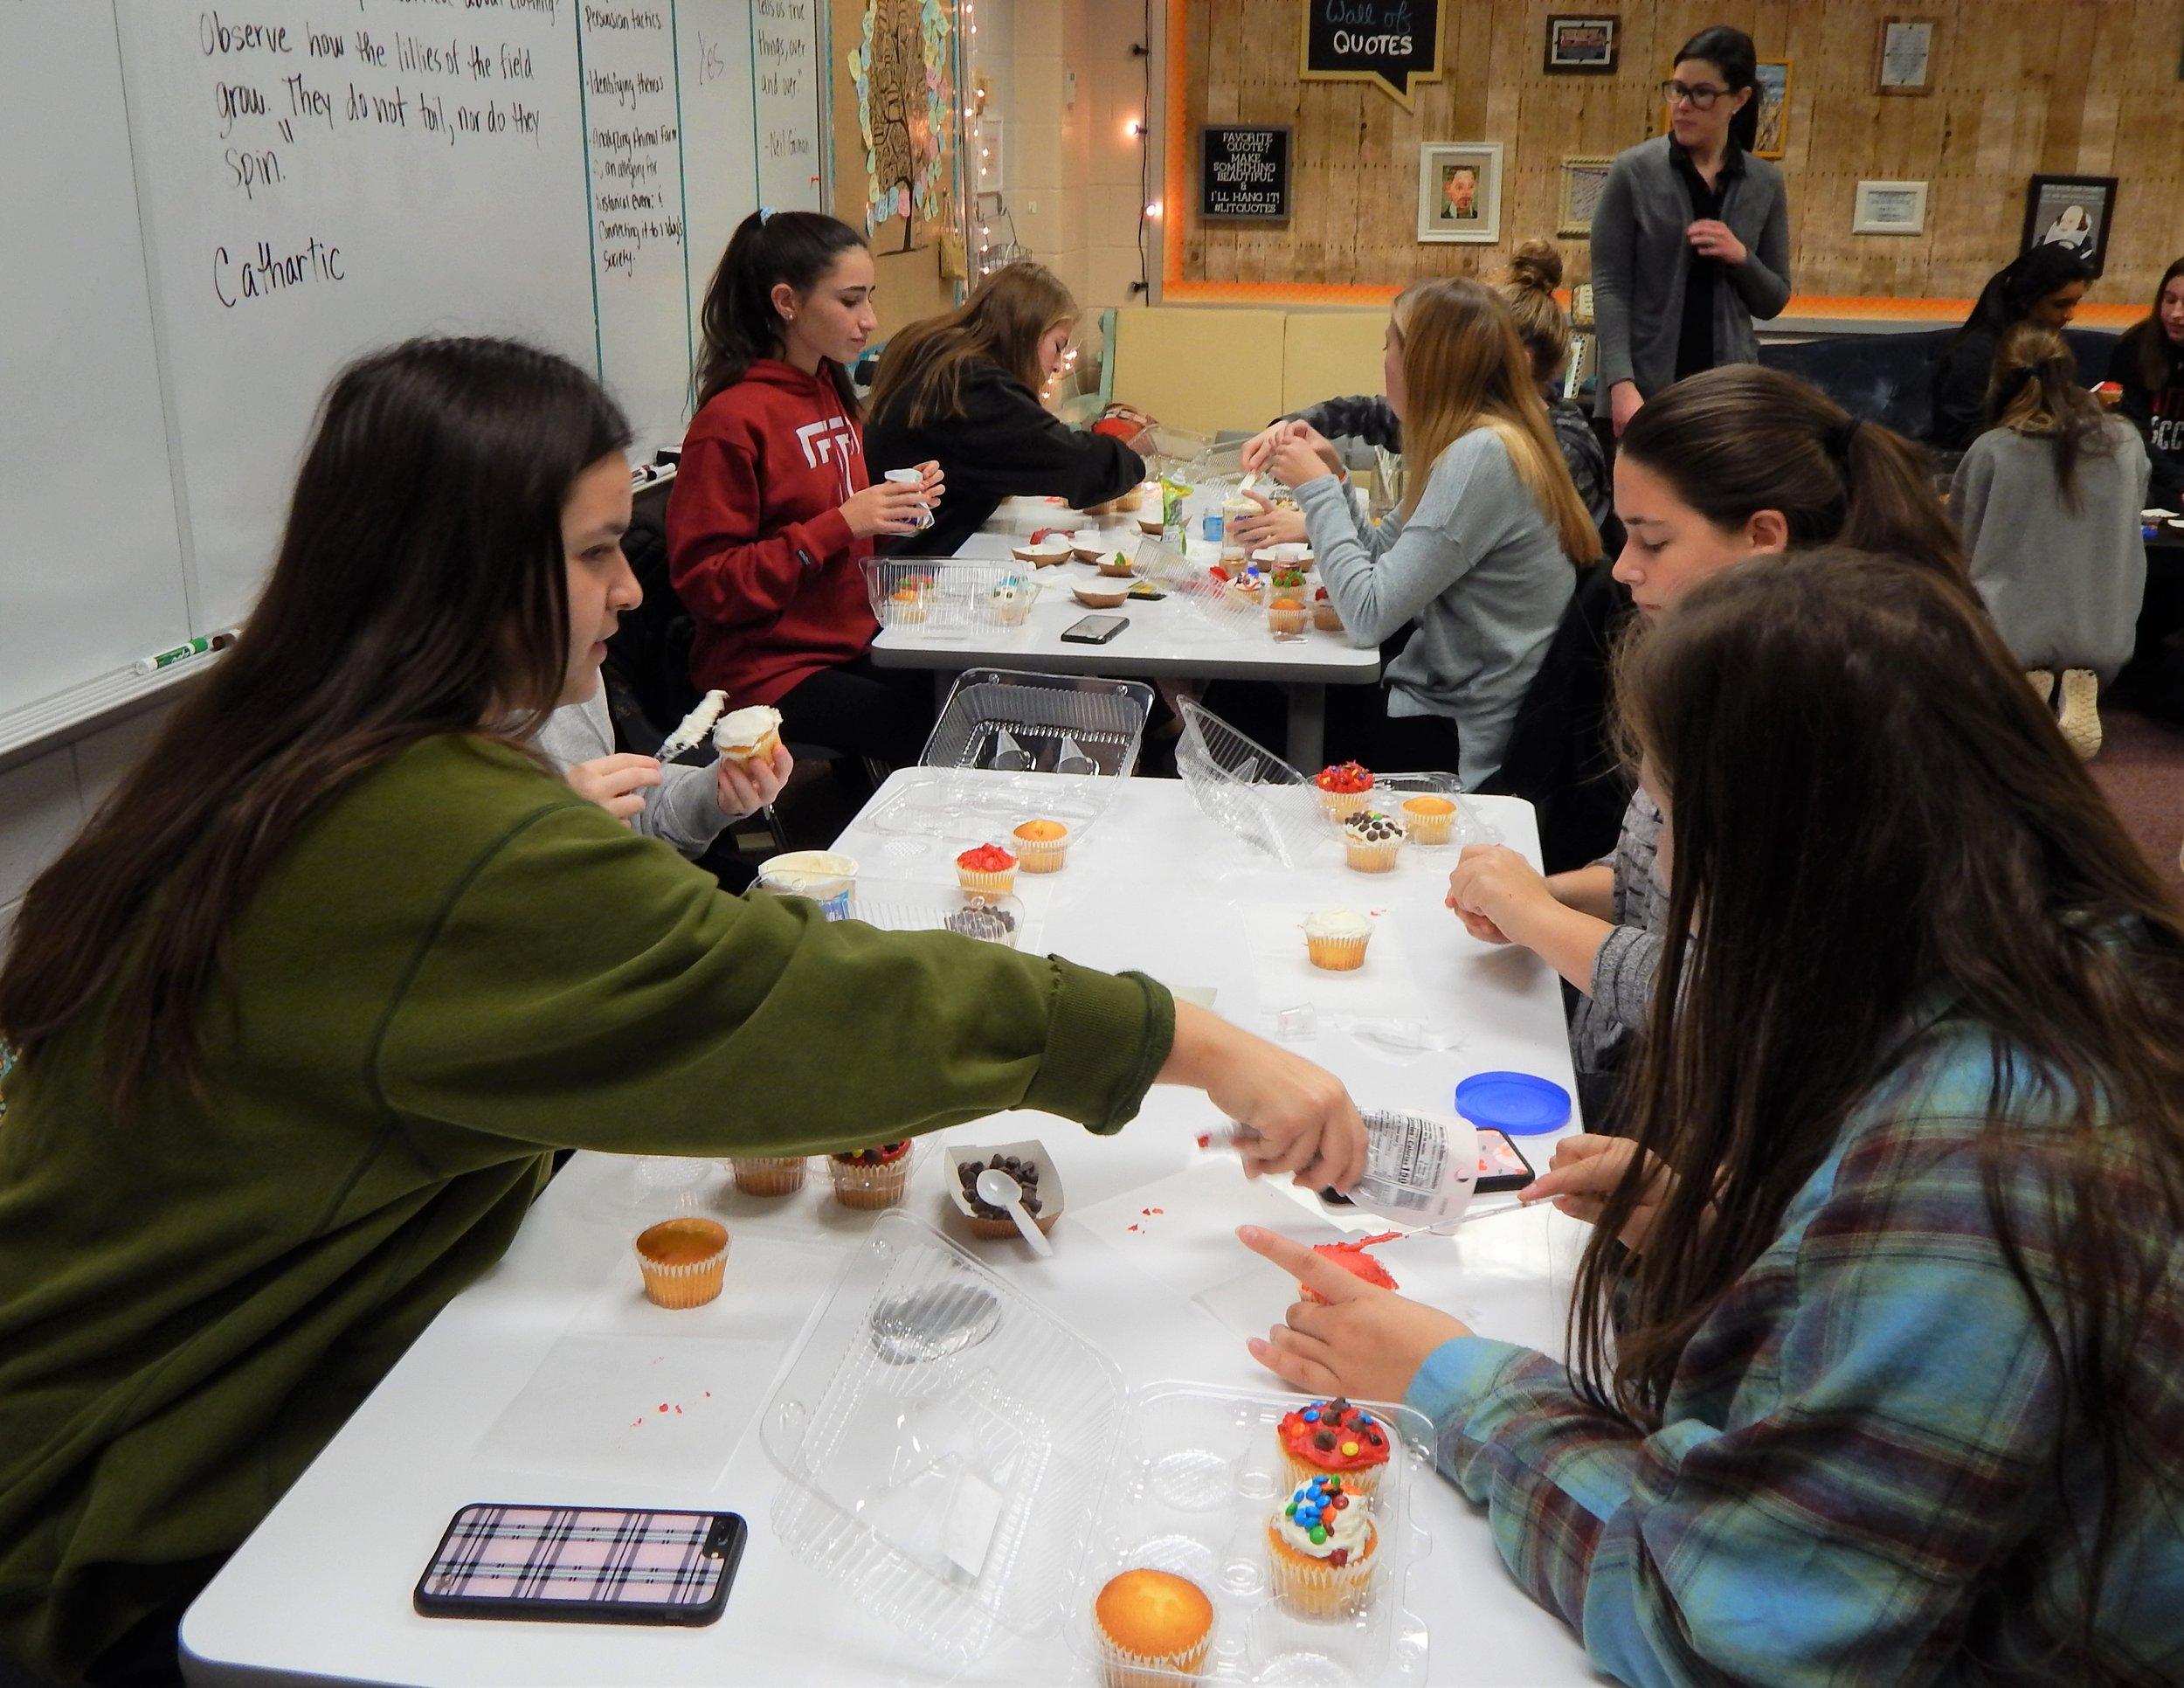 HHHS 12-11 Cupcake Party 1.jpg